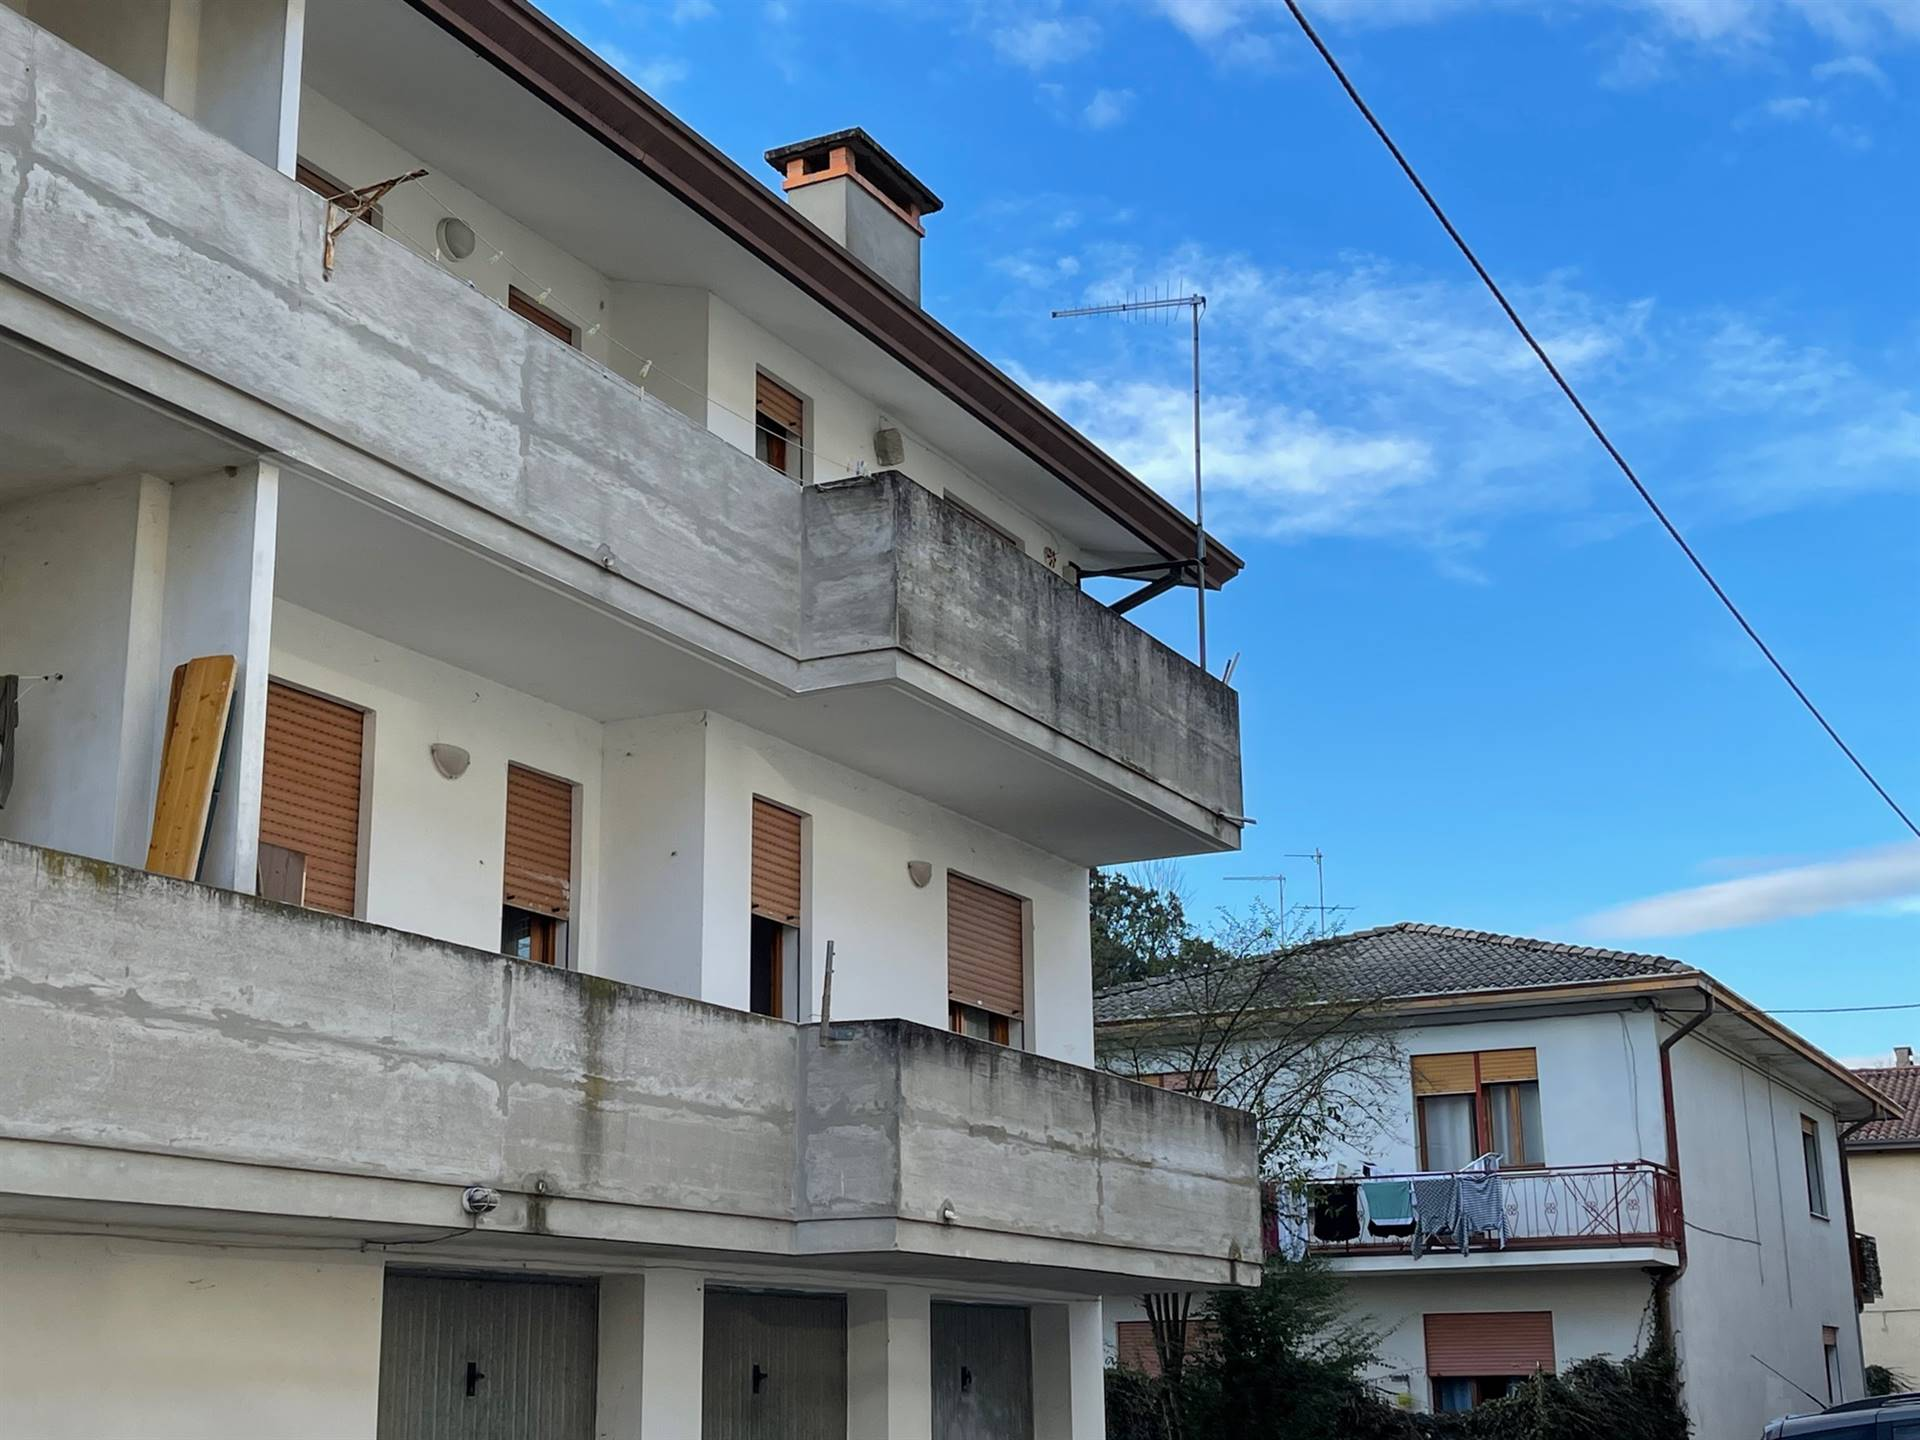 Appartamento in affitto a Noale, 2 locali, prezzo € 370 | CambioCasa.it